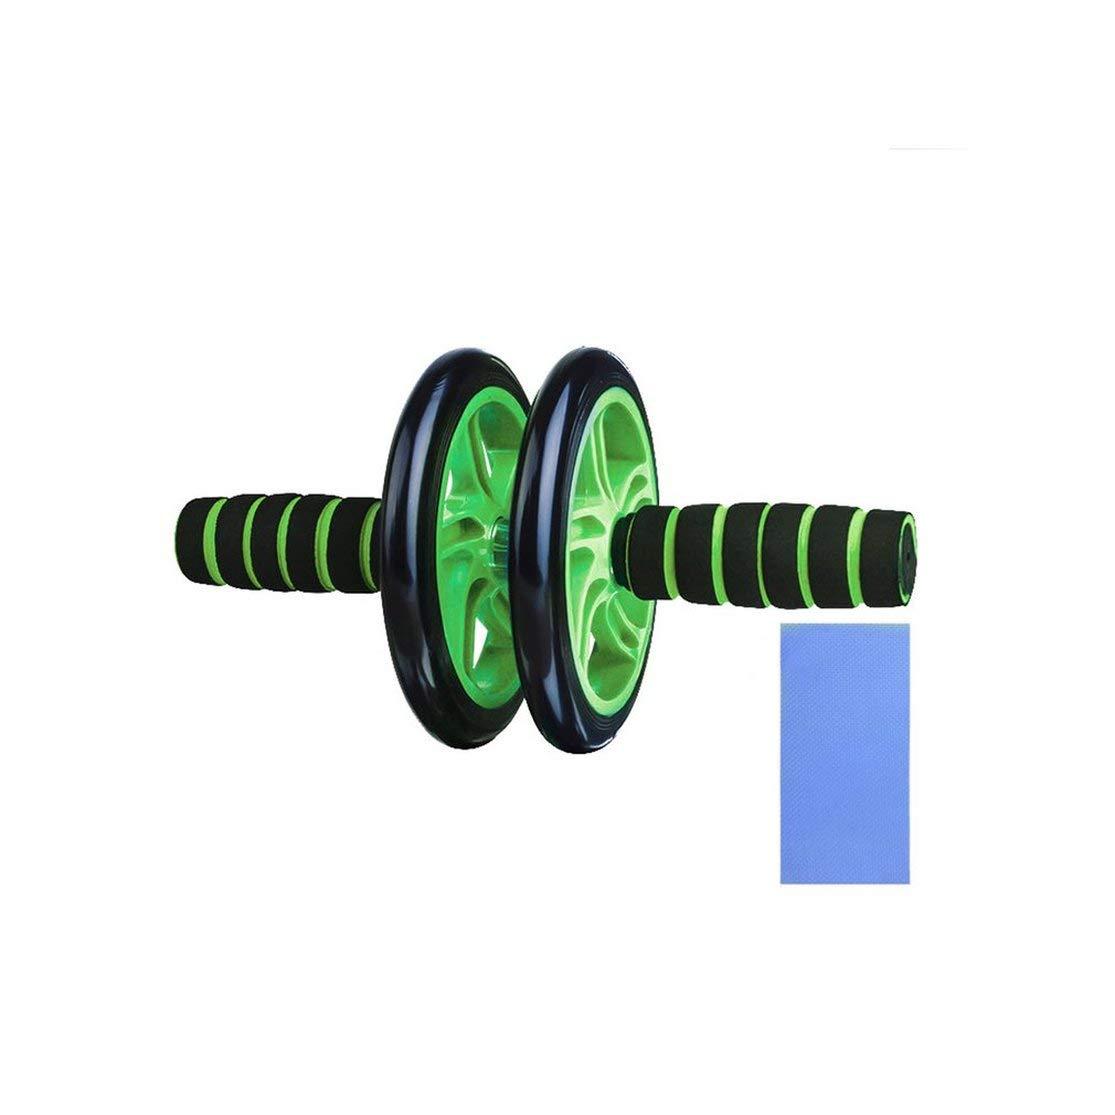 Jullyelegant Ruedas para Ejercicios Abdominales Ruedas Dobles Cintura para Ejercicios Abdominales Ejercicio Gimnasio Roller Core Entrenador Equipos para Ejercicios Ruedas Verde